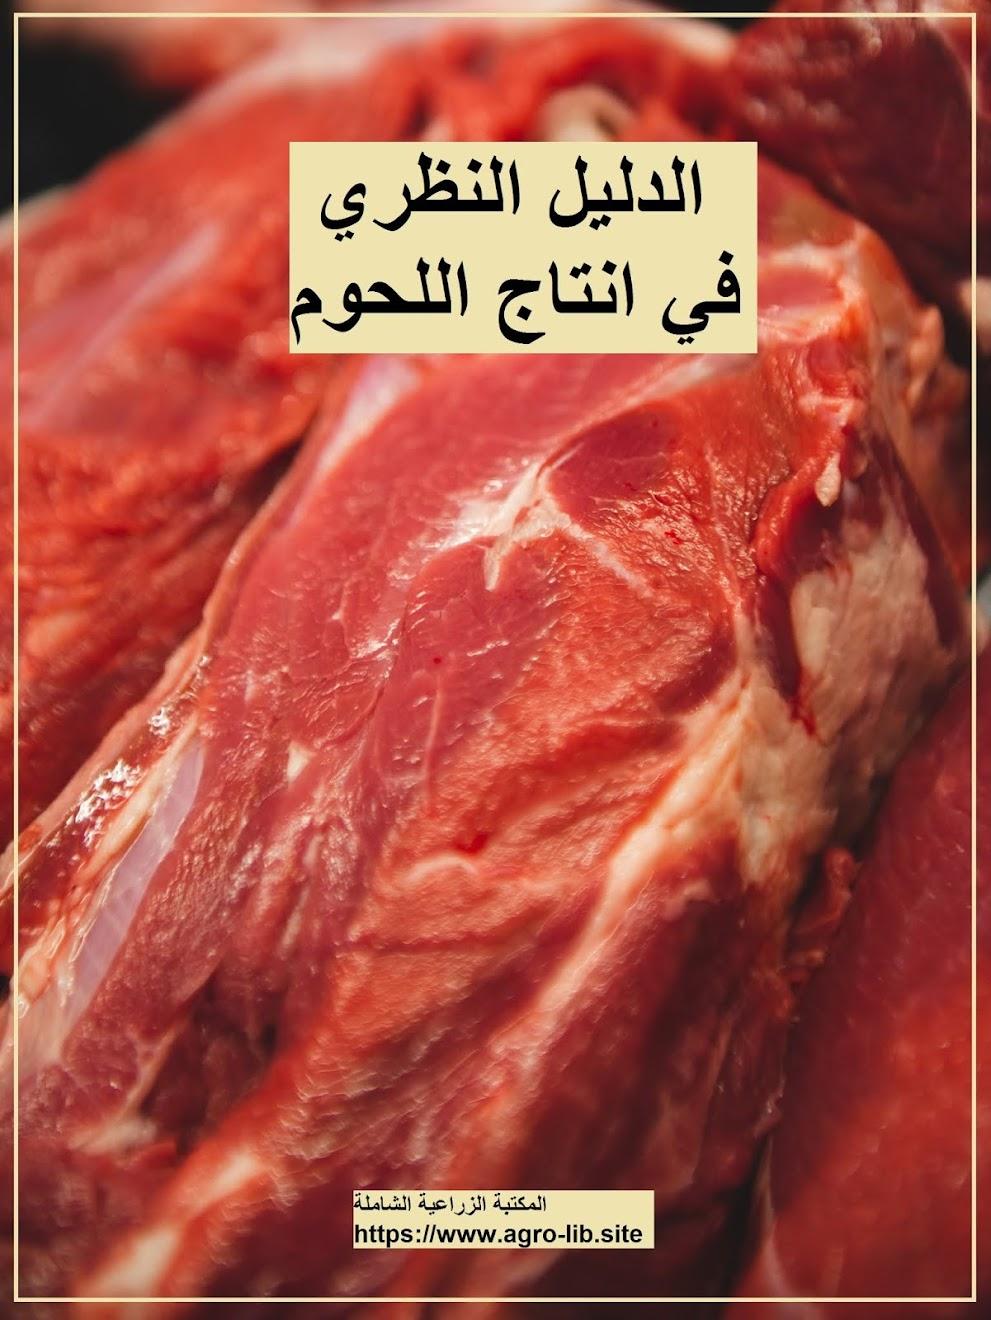 كتاب : الدليل النظري في انتاج اللحوم